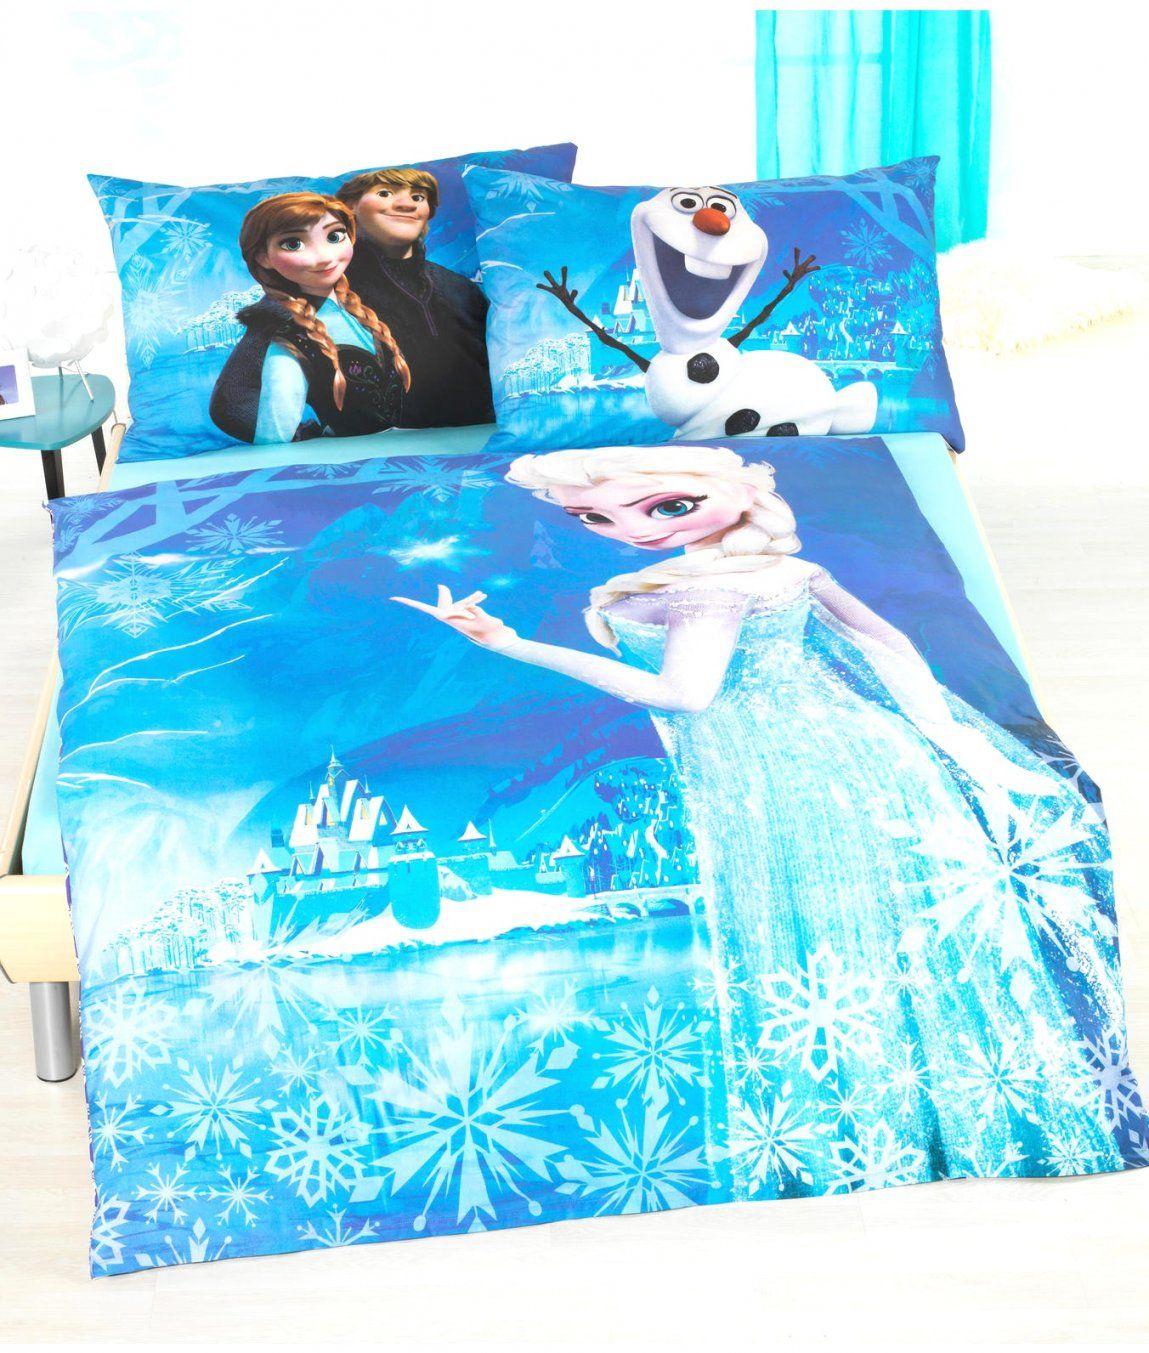 Unglaubliche Ideen Elsa Bettwäsche Aldi Und Intelligente Die Eisk von Elsa Bettwäsche Aldi Bild